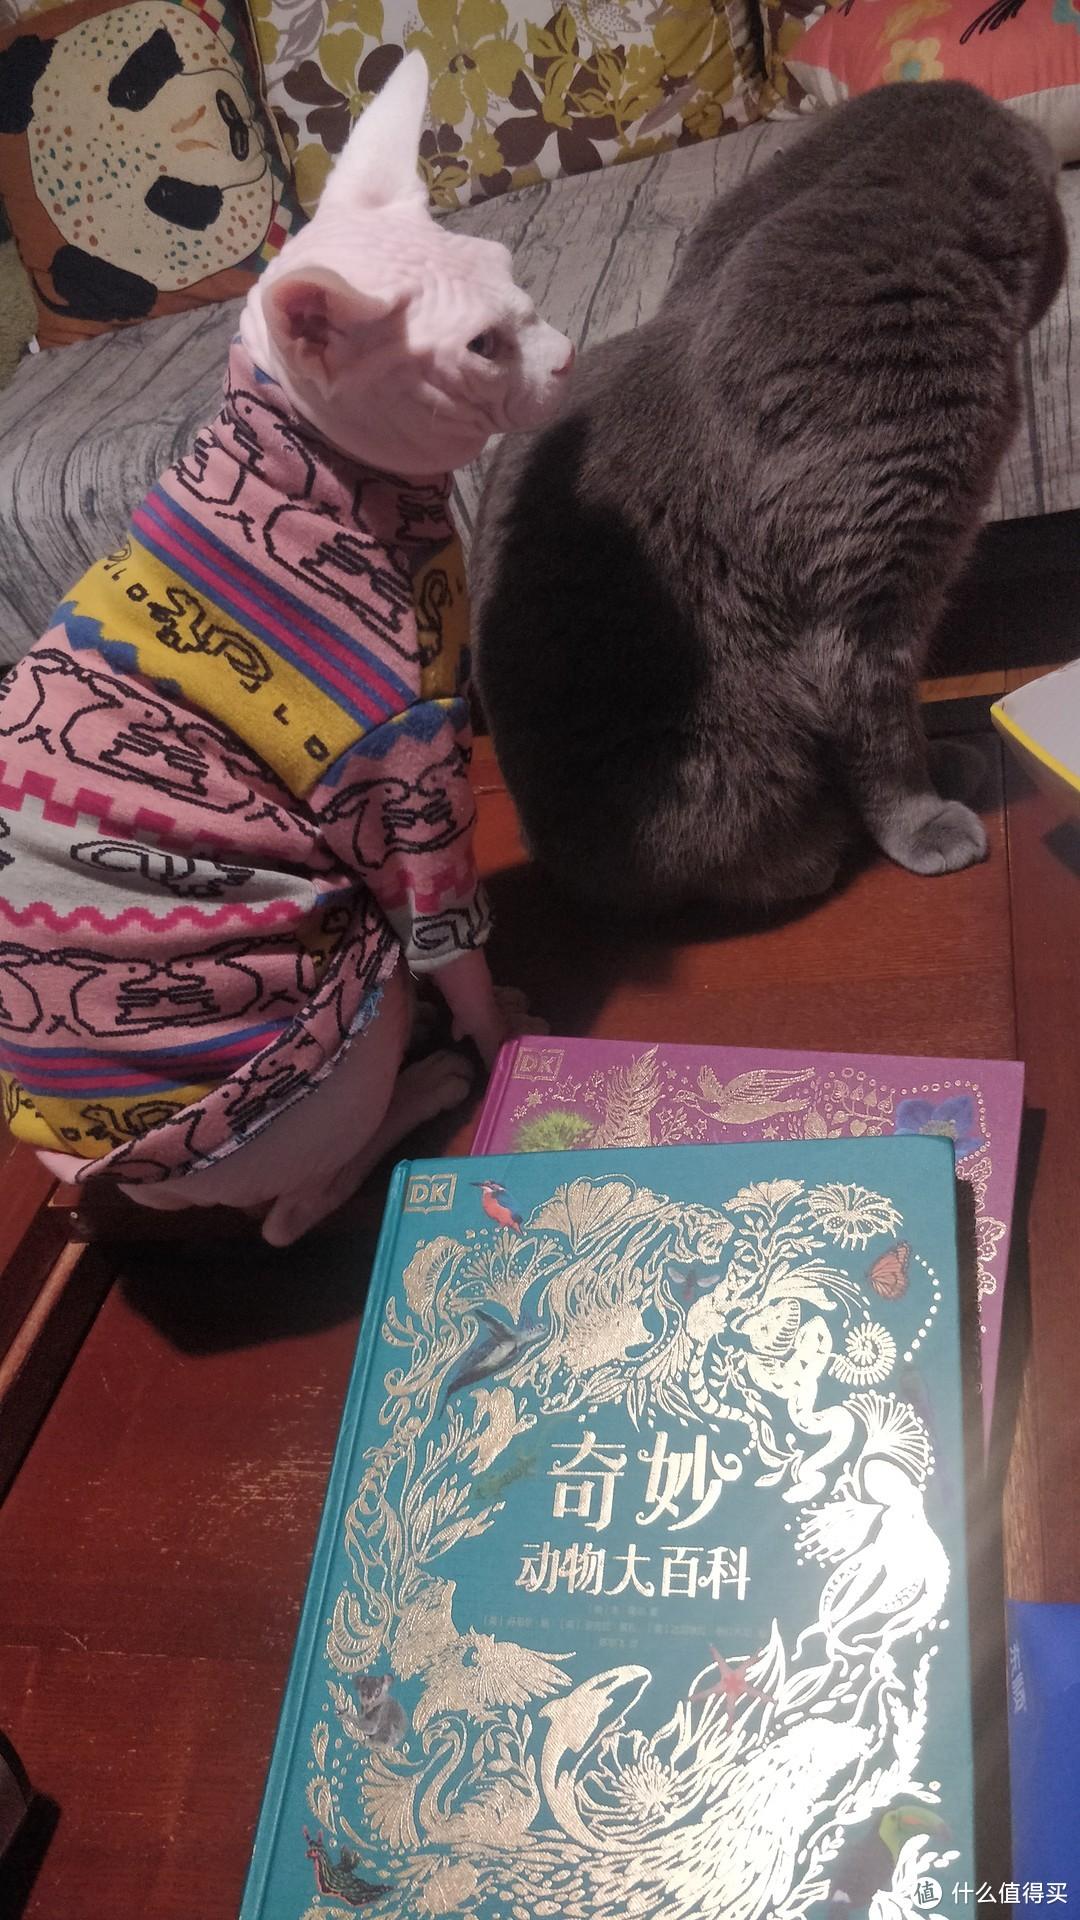 DK大自然百科全书--孩子们的科普学习宝典